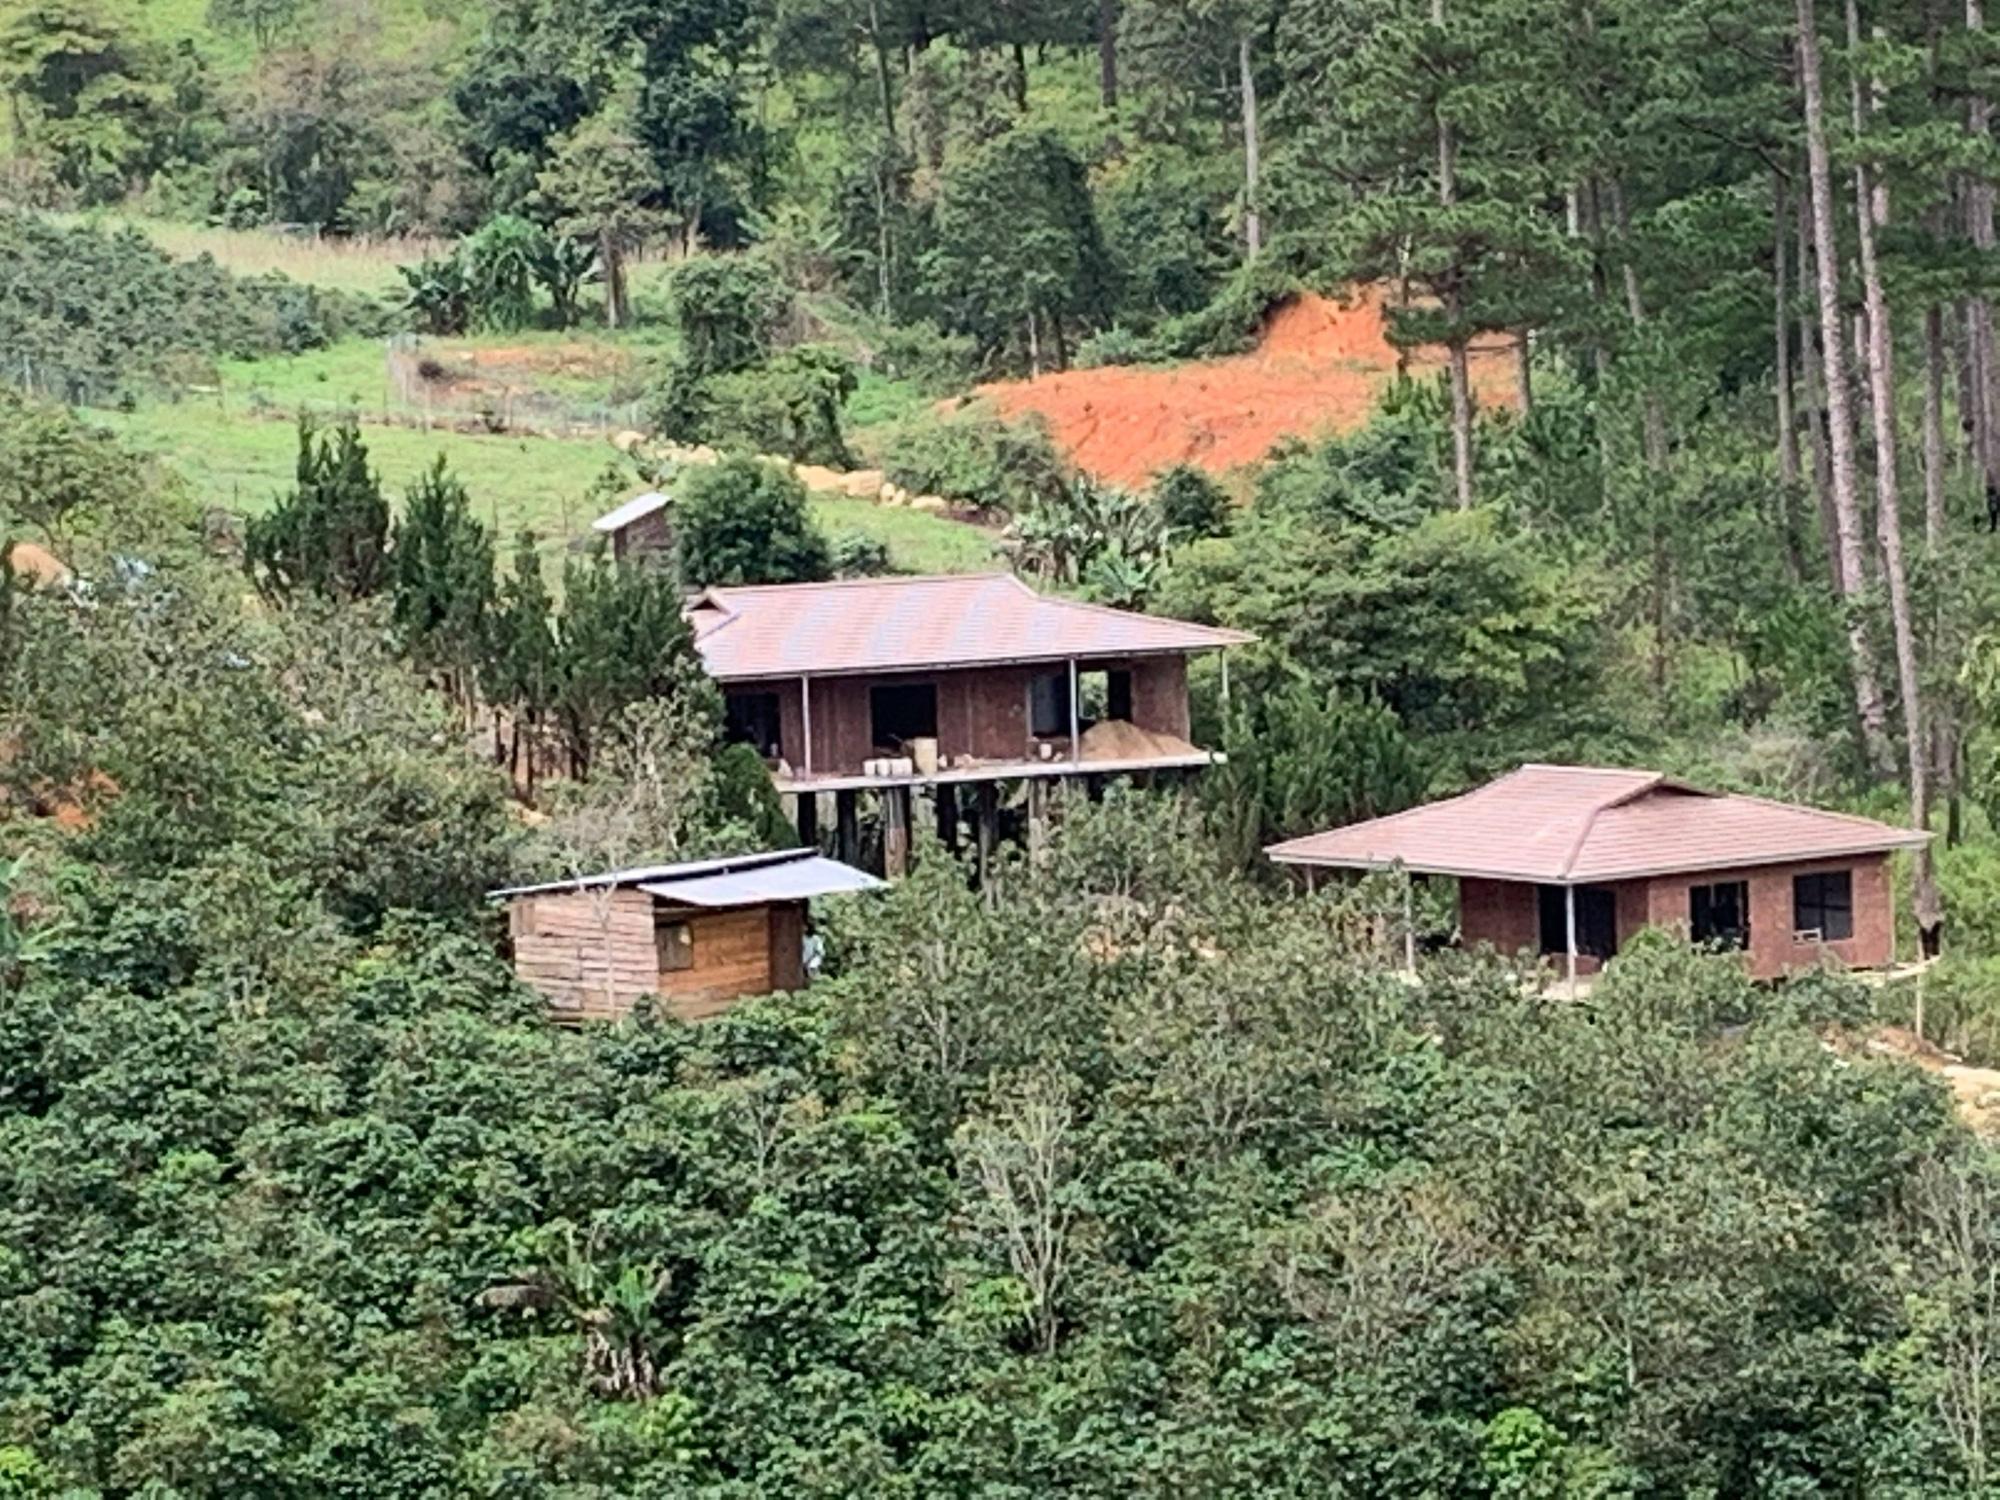 Vụ 54 căn nhà trái phép dưới chân núi Voi: Làm rõ trách nhiệm của các cá nhân, tổ chức - Ảnh 3.